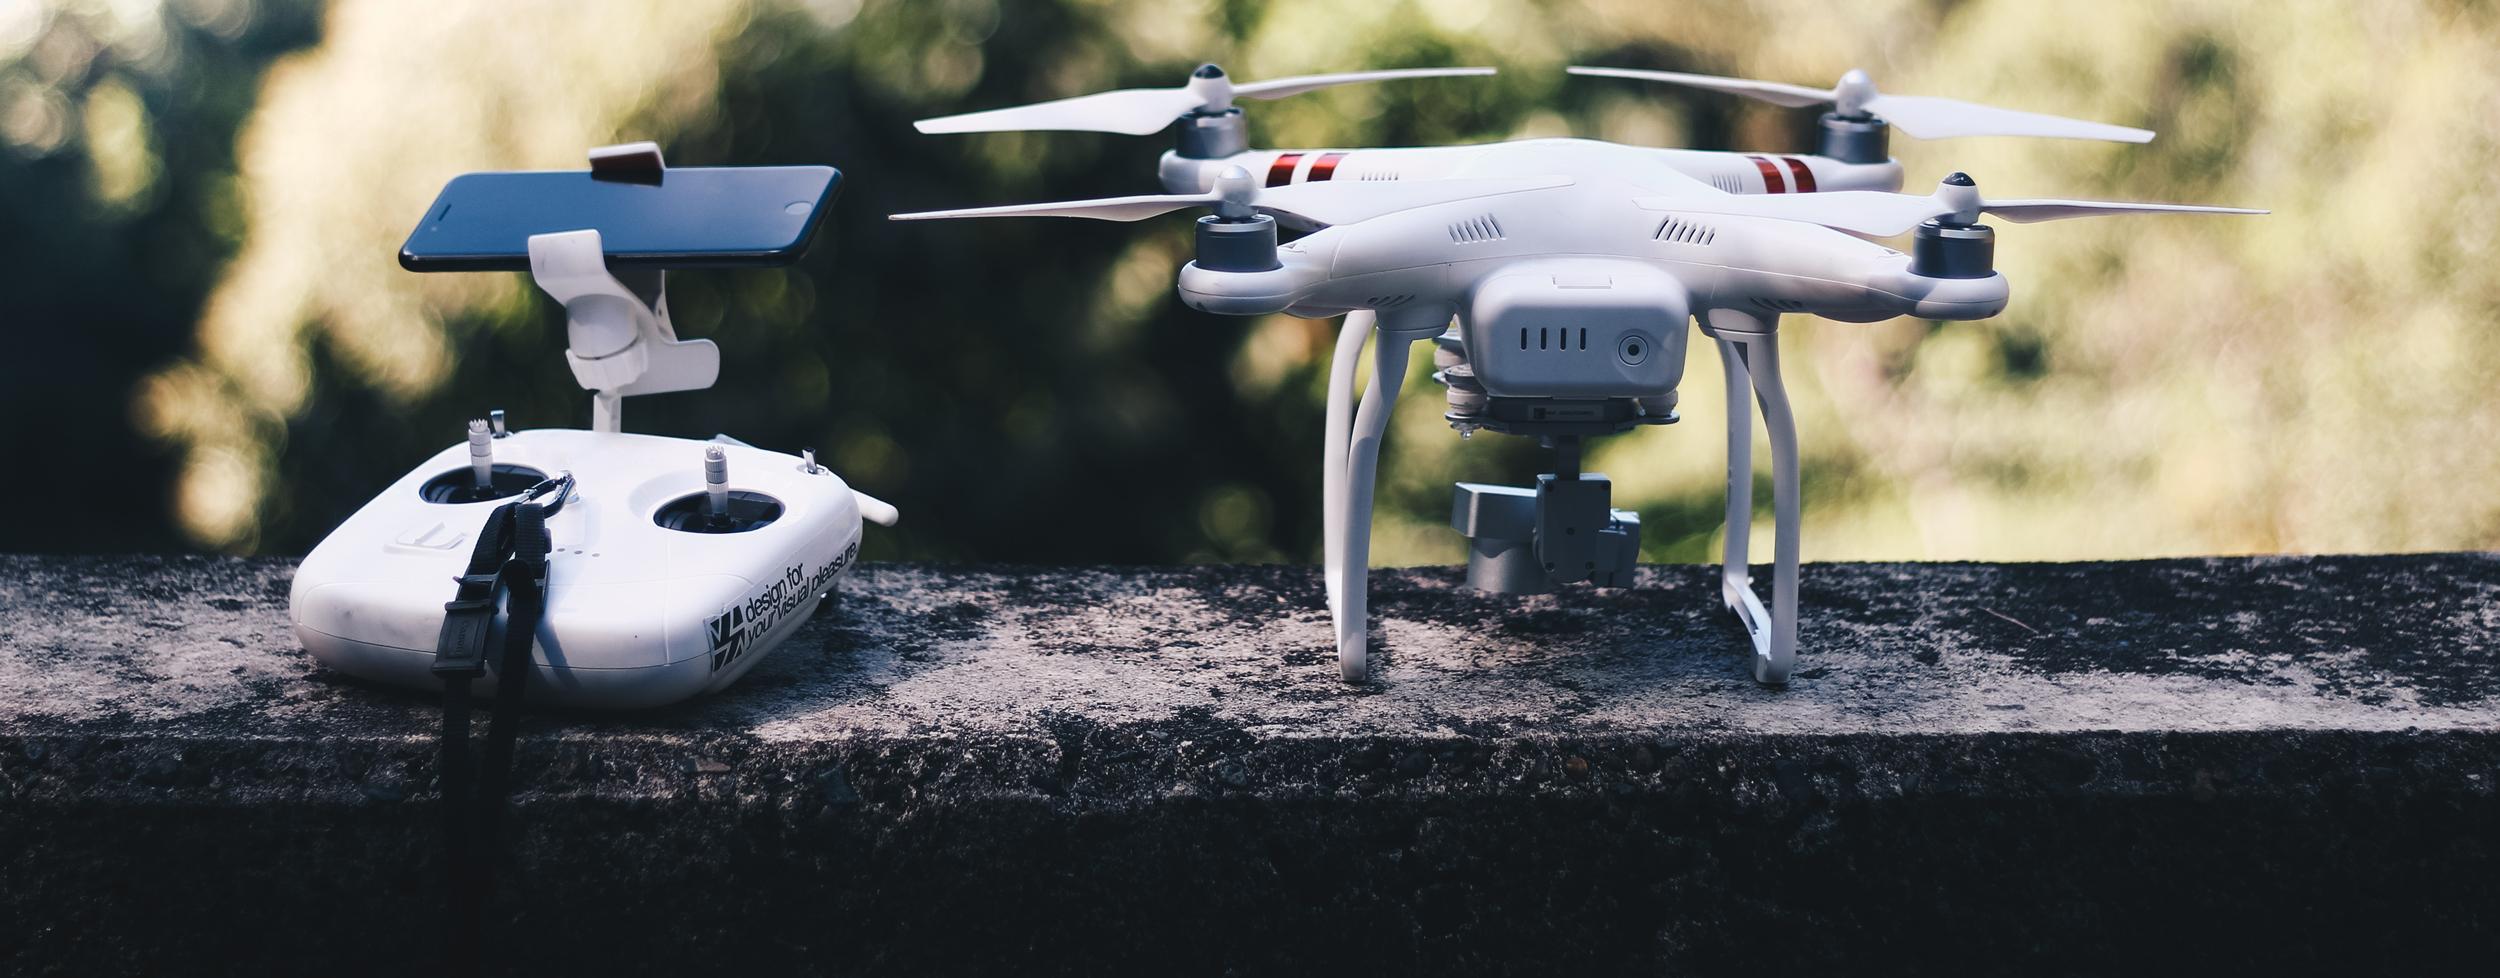 drone-depot-brokerlift-hero-1.png